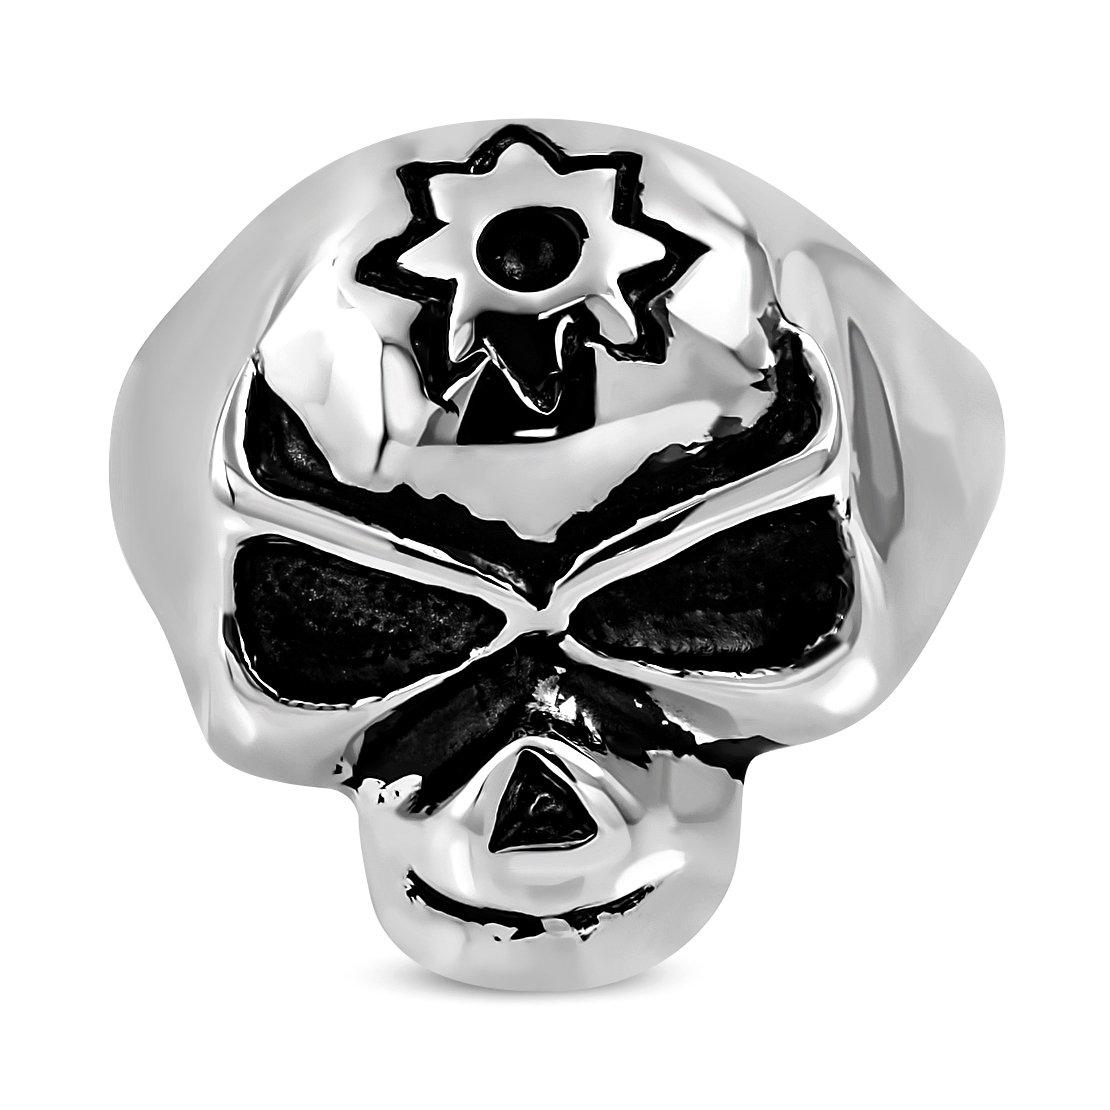 Stainless Steel 2 Color Star Skull Face Biker Ring